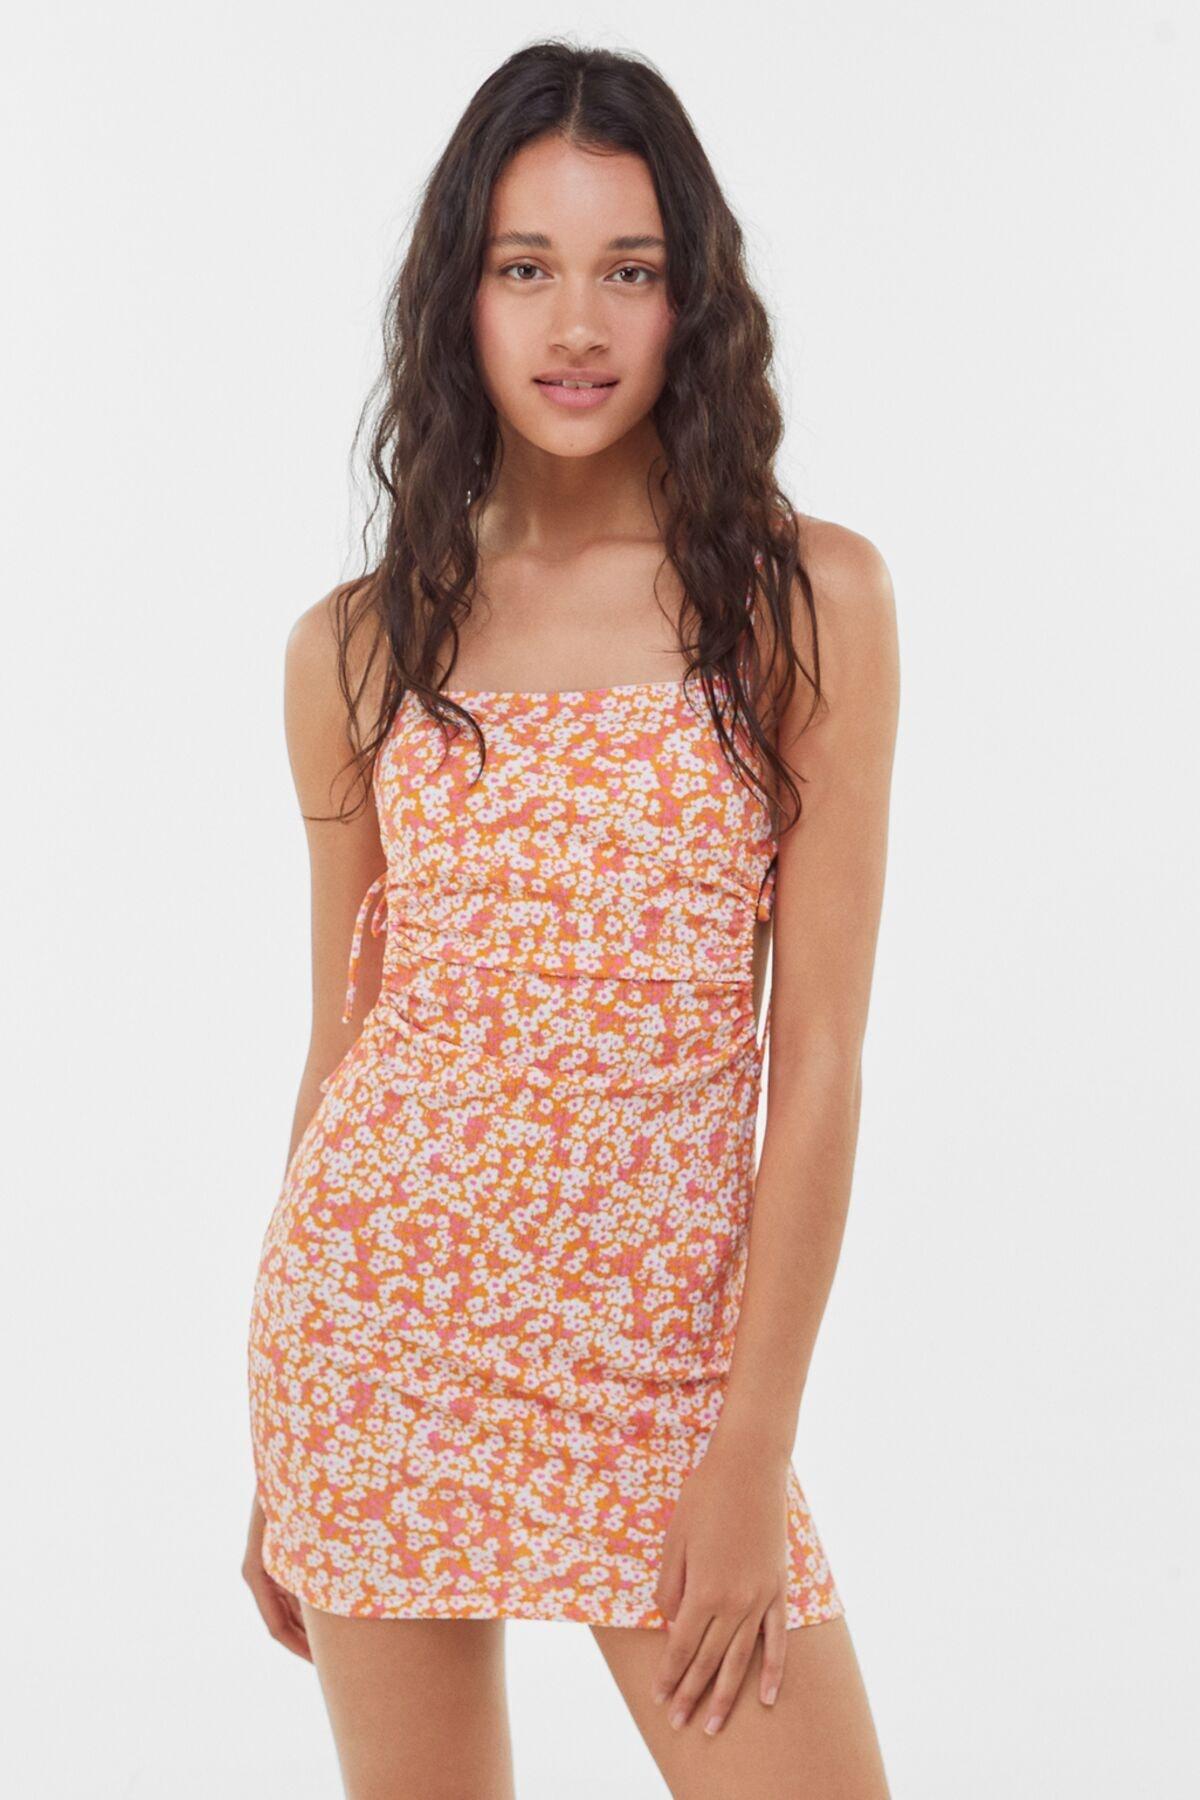 Bershka Kadın Turuncu Çiçekli Kısa Elbise